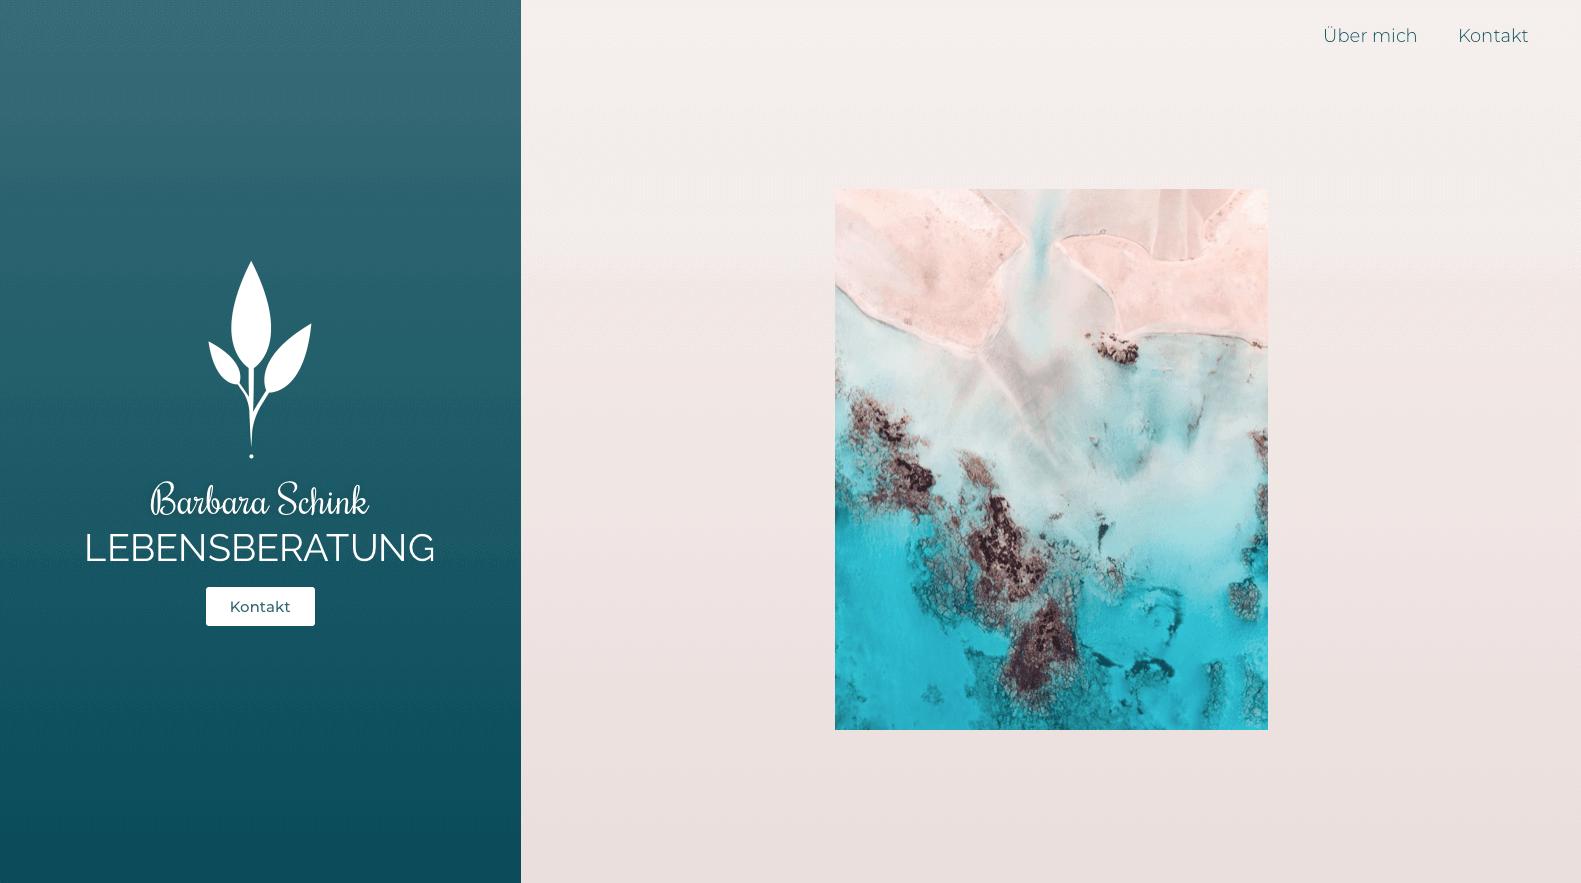 Webdesign Projekt telefonische Lebensberatung – Barbara Schink Lebensberatung